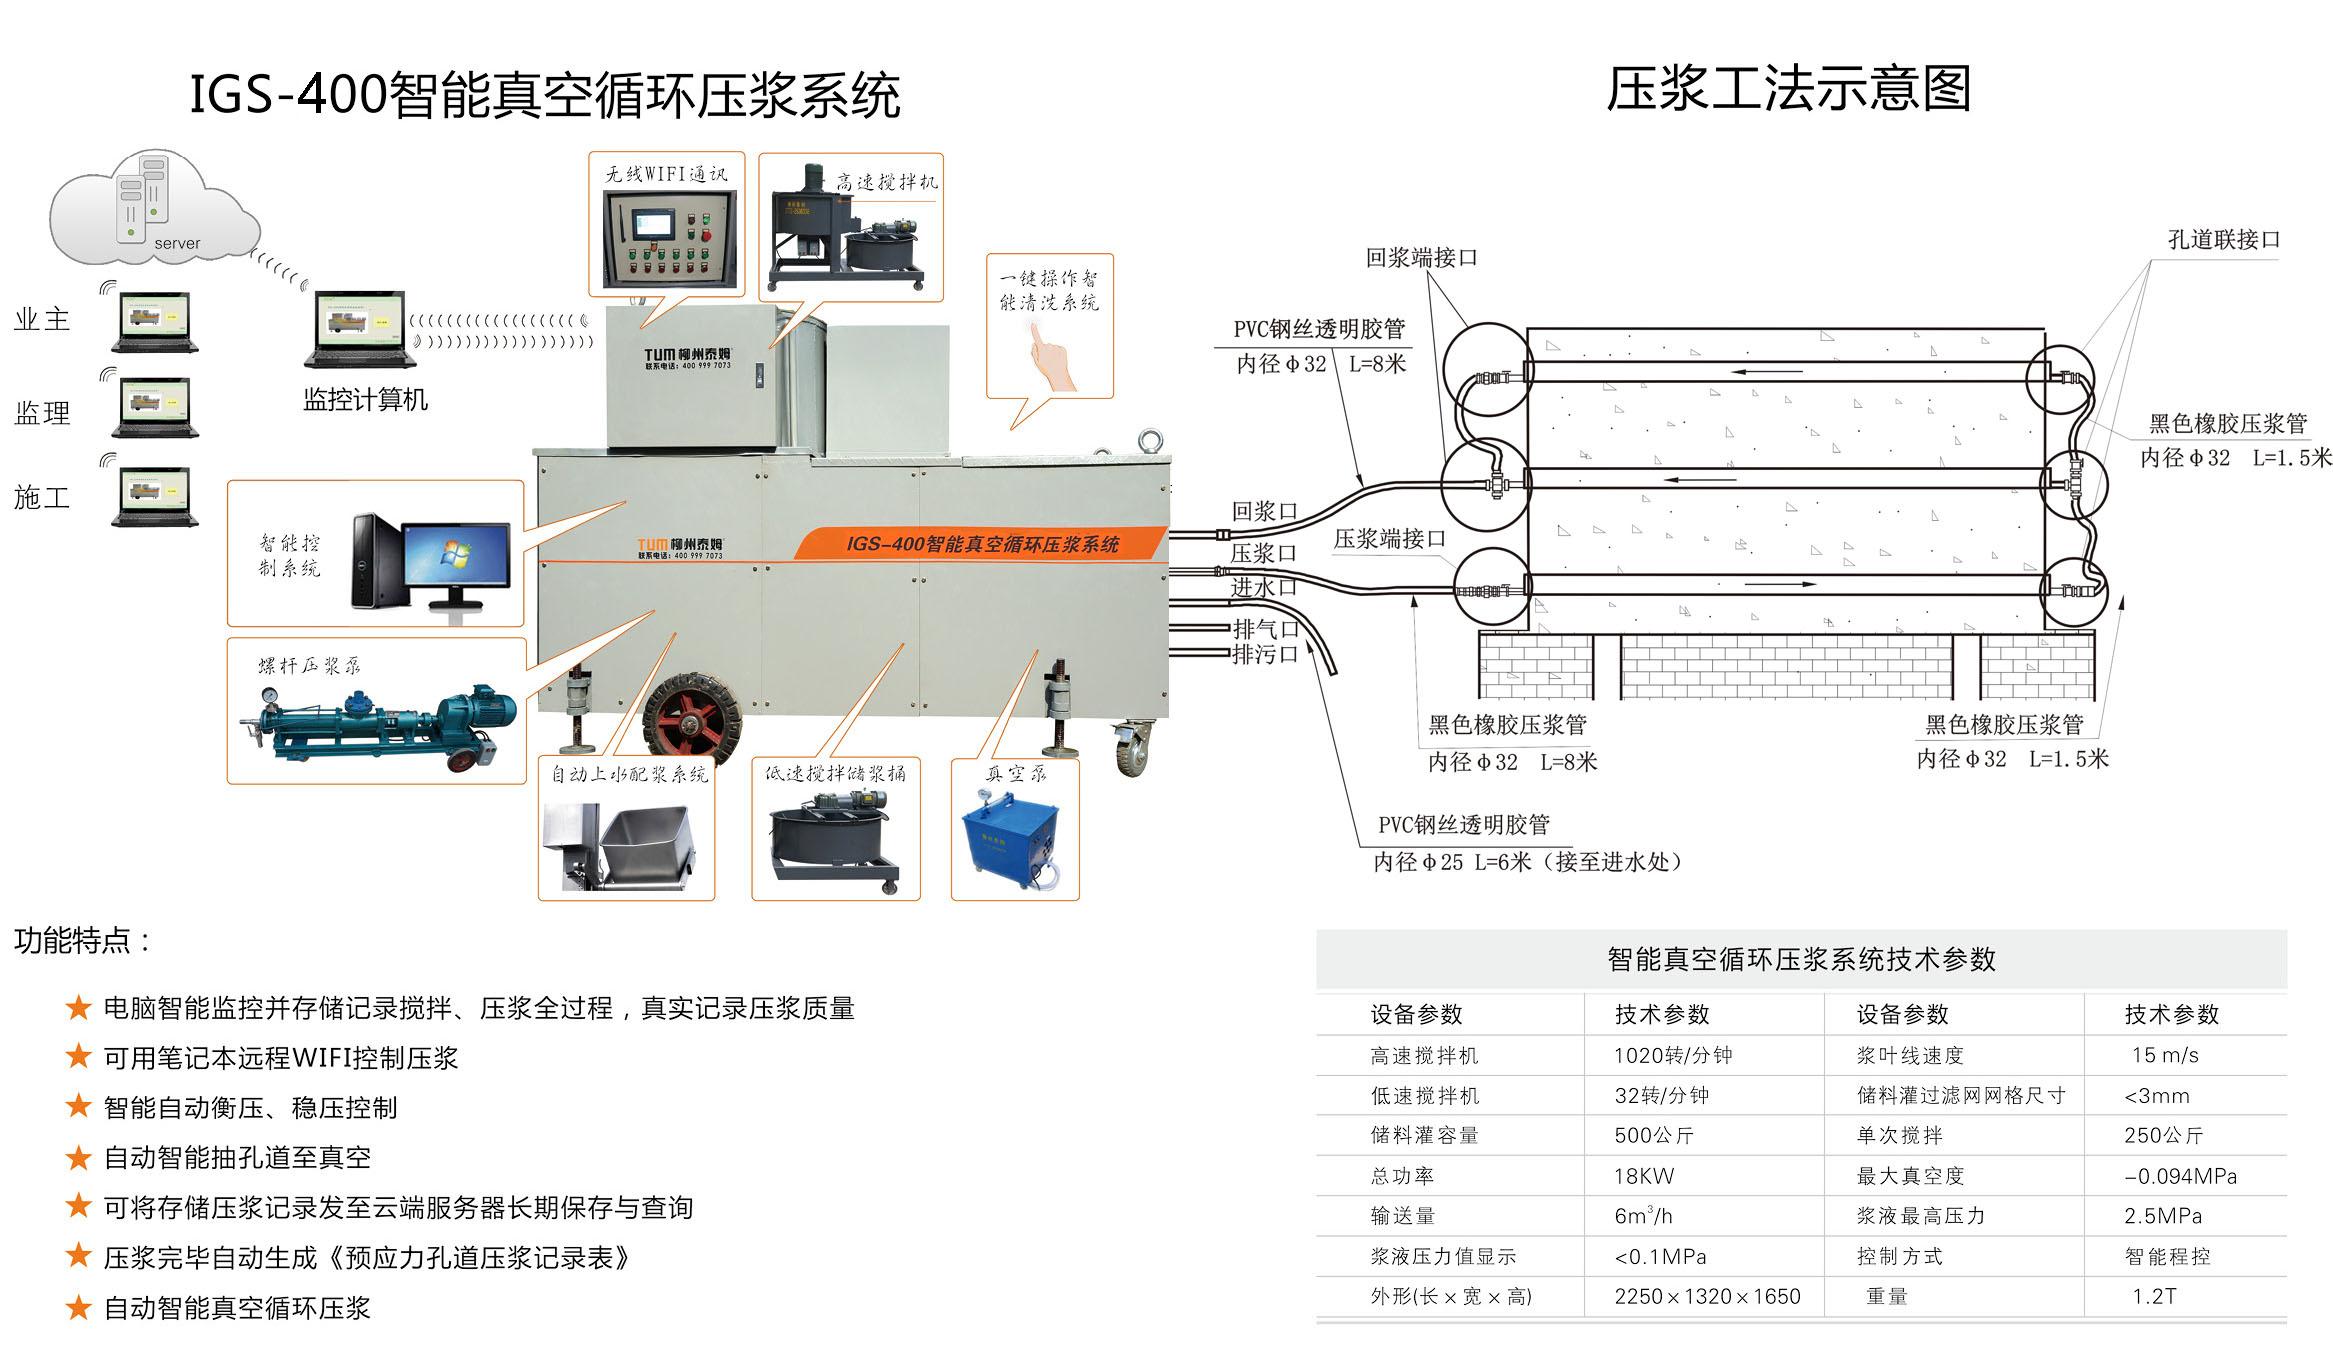 igs-400智能真空压浆系统